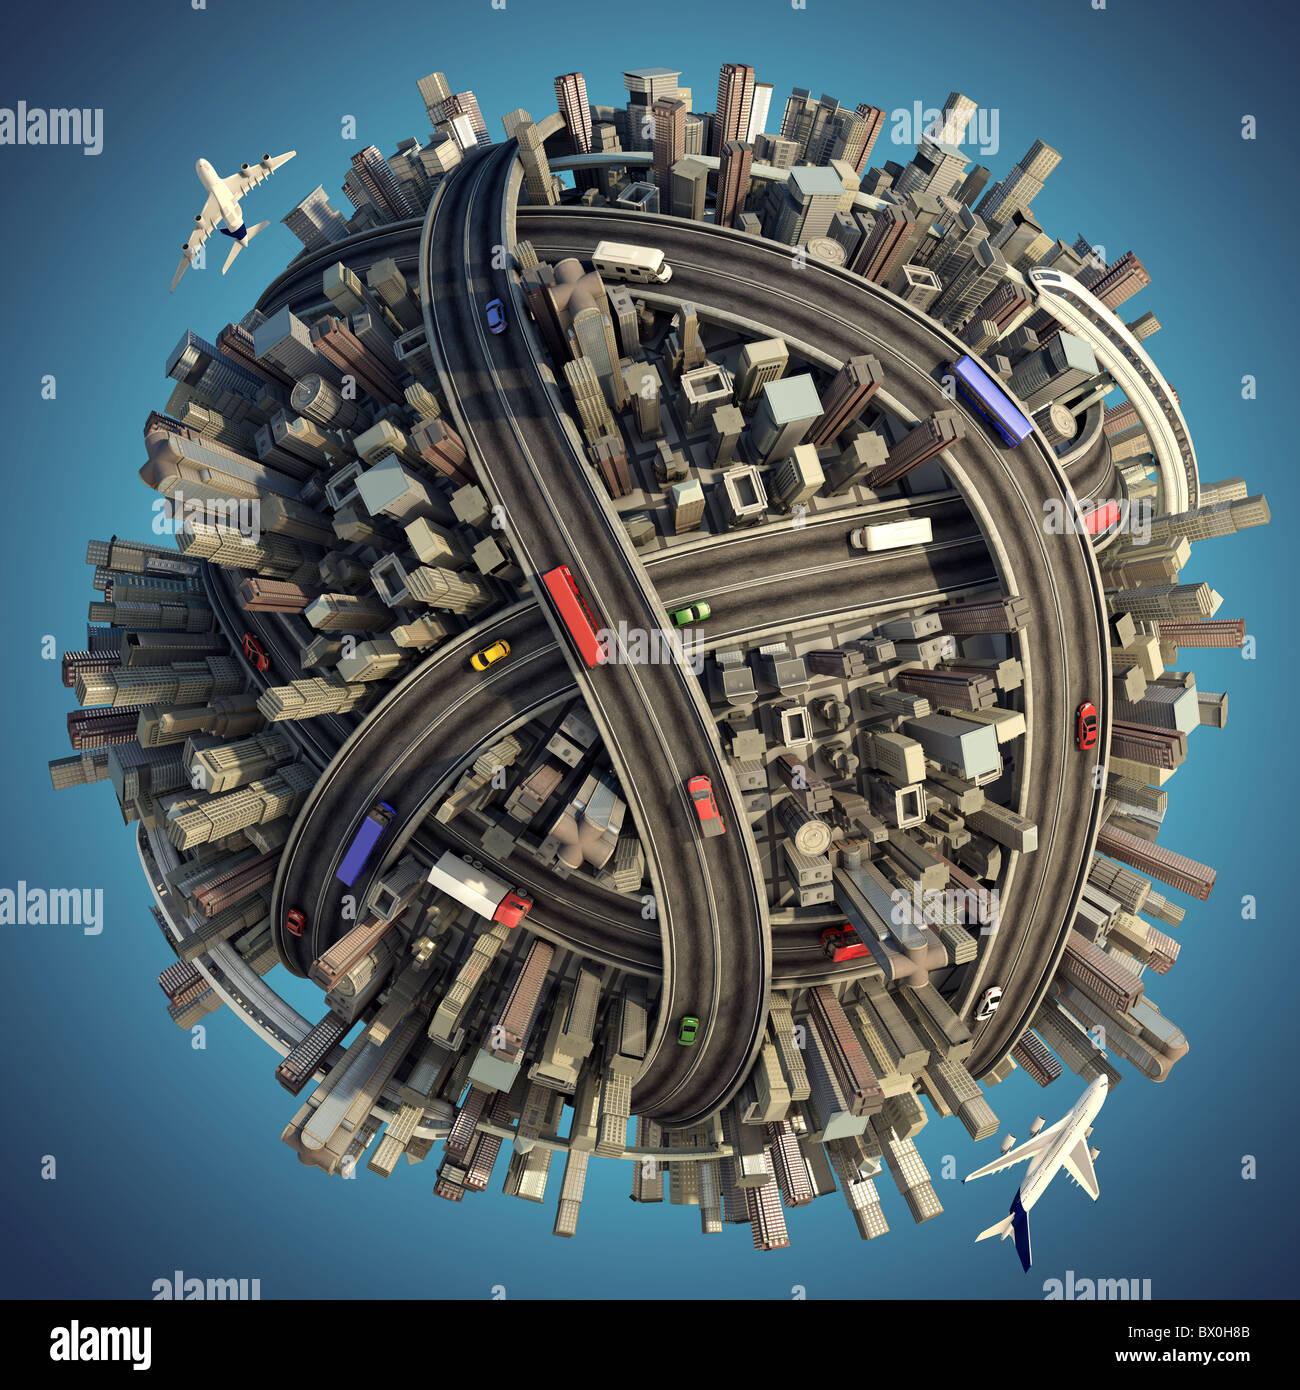 Miniatur-Planeten als Konzept für chaotische Urbanität mit Beschneidungspfad isoliert Stockbild